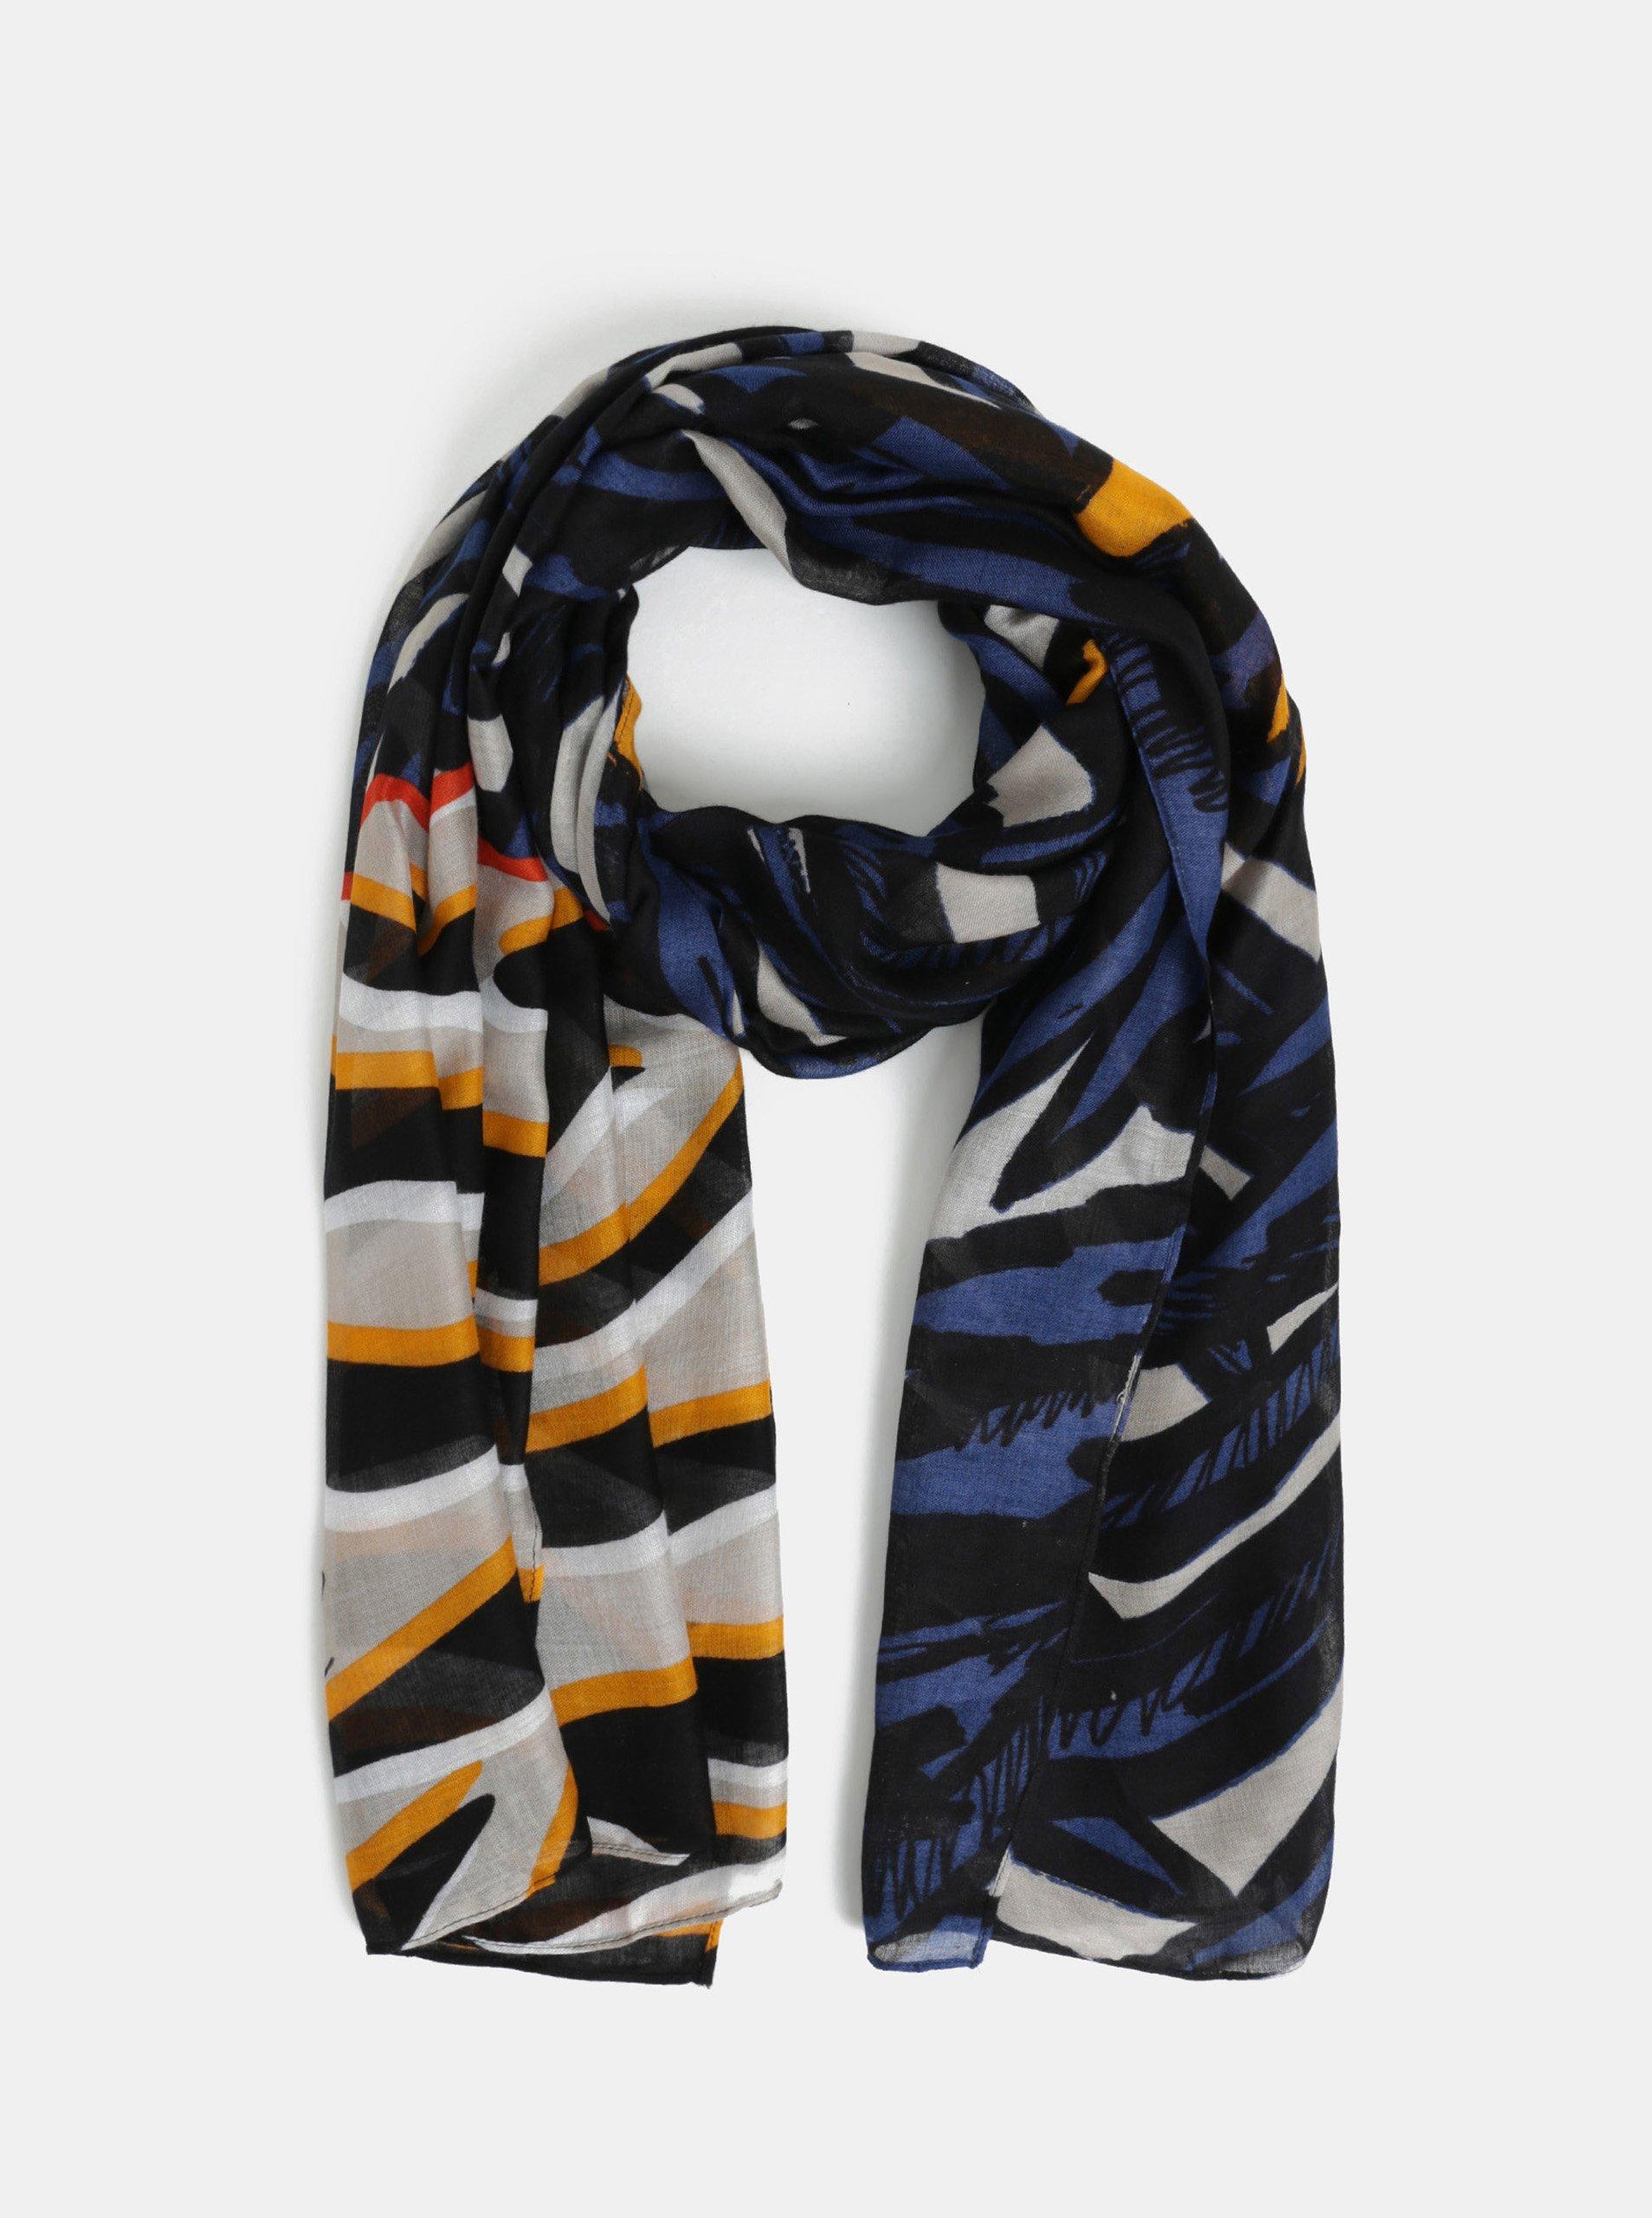 Černý vzorovaný šátek Desigual Jungle c9d325e8d2